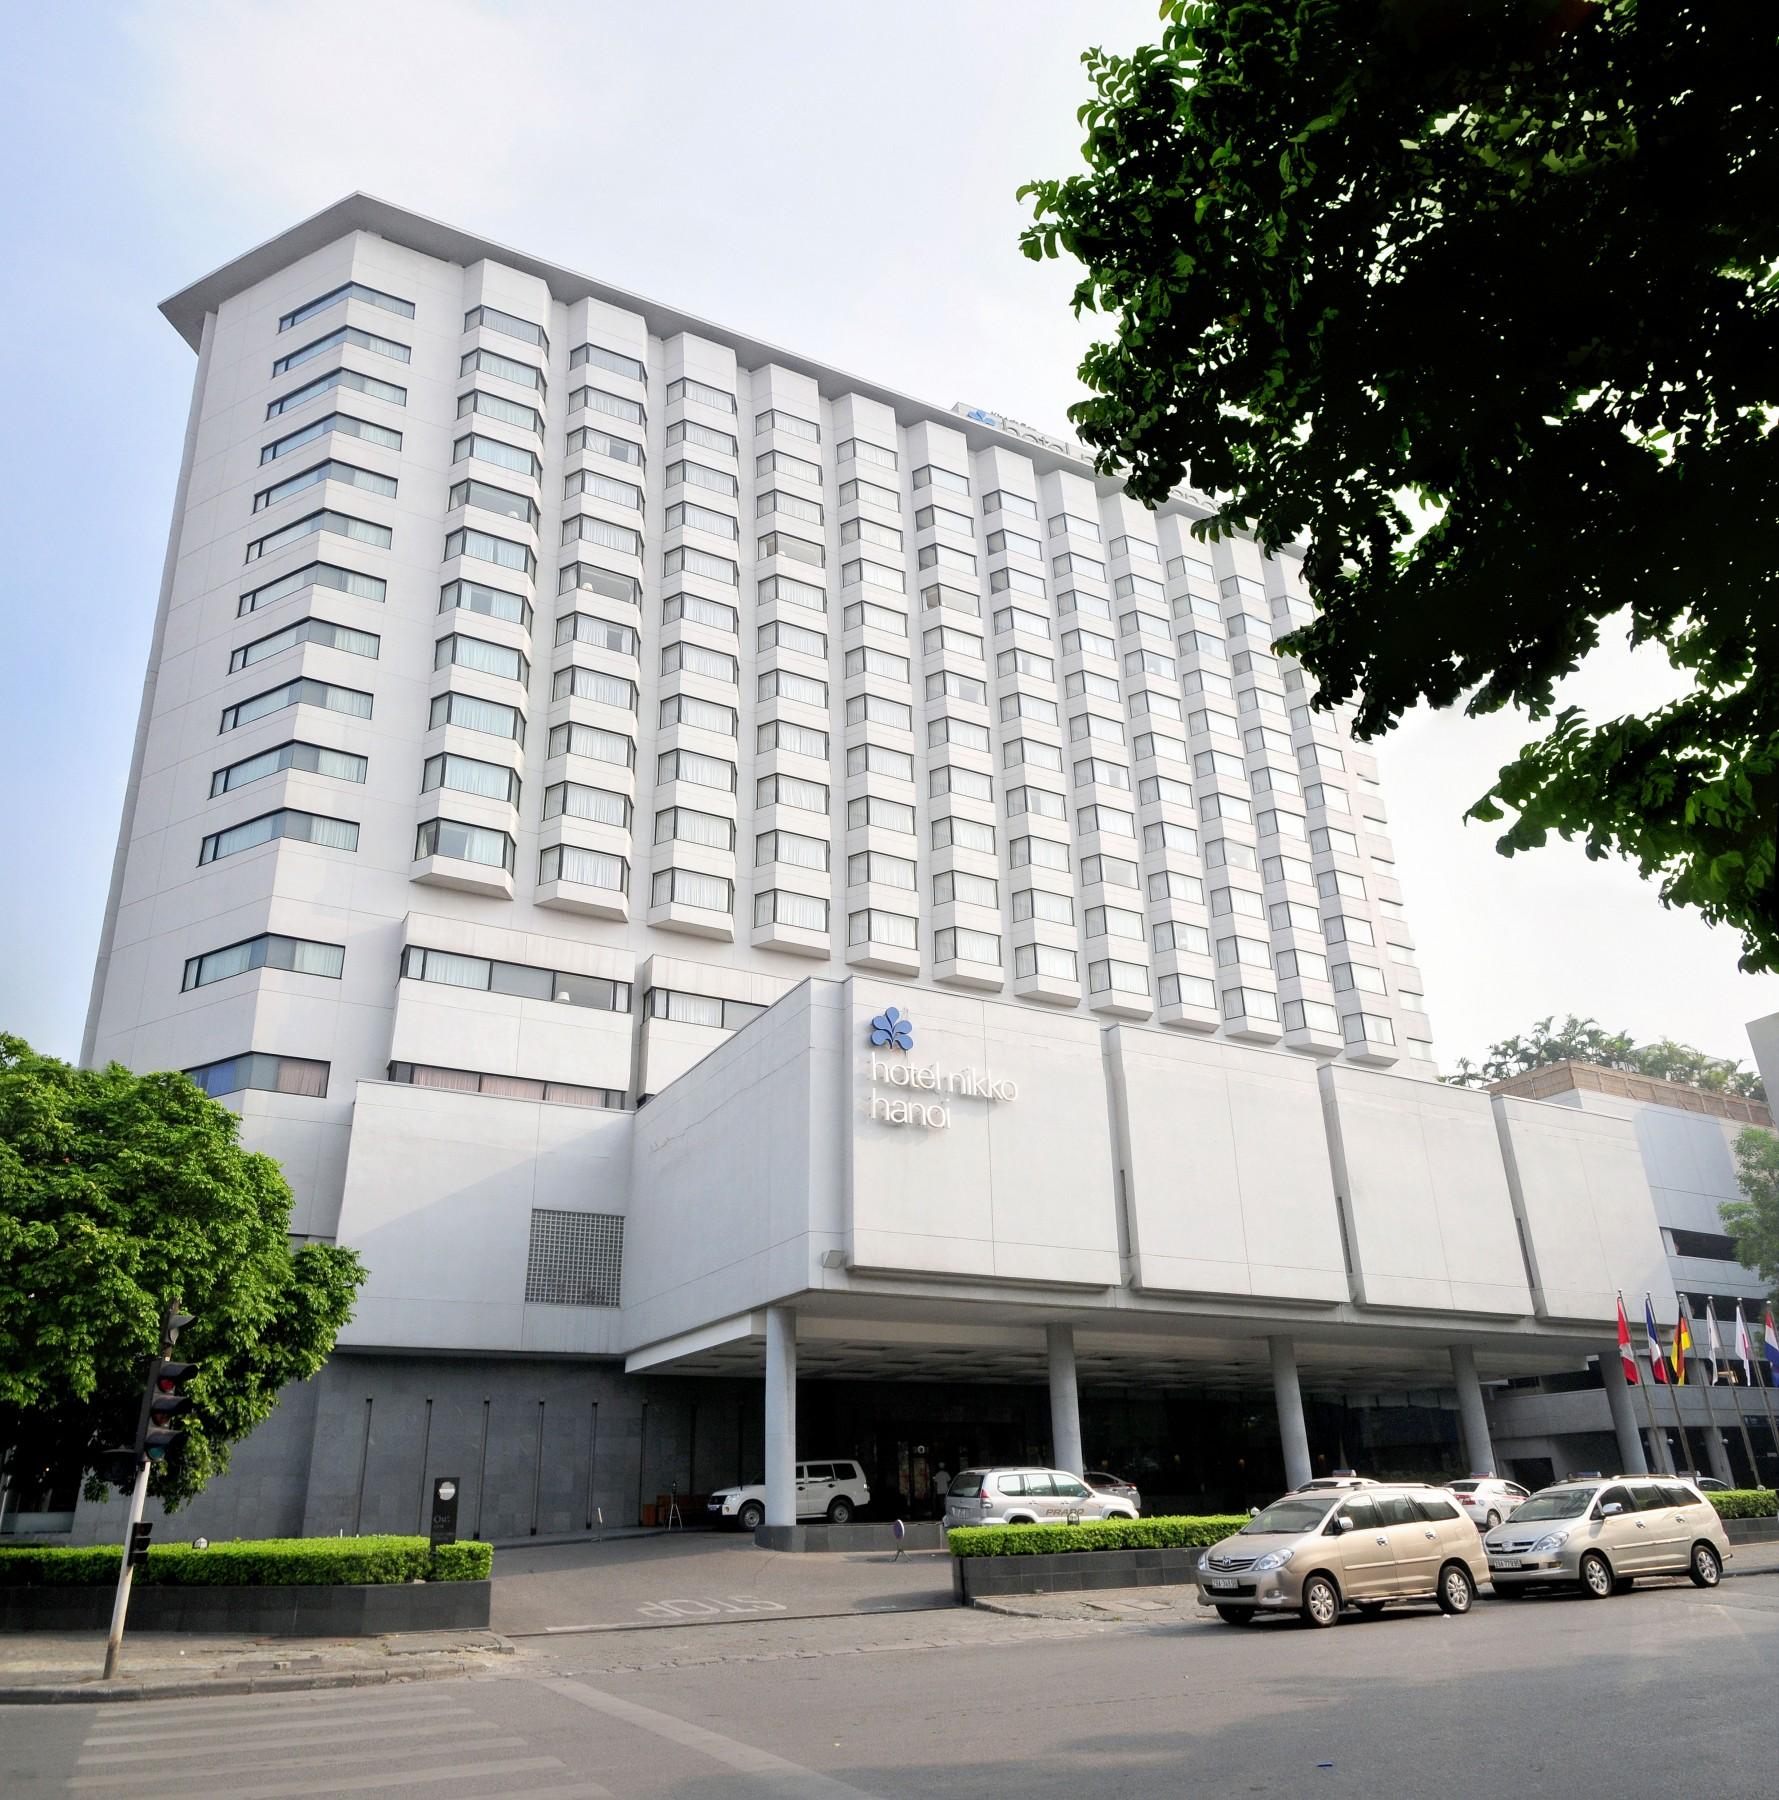 ホテル写真その1